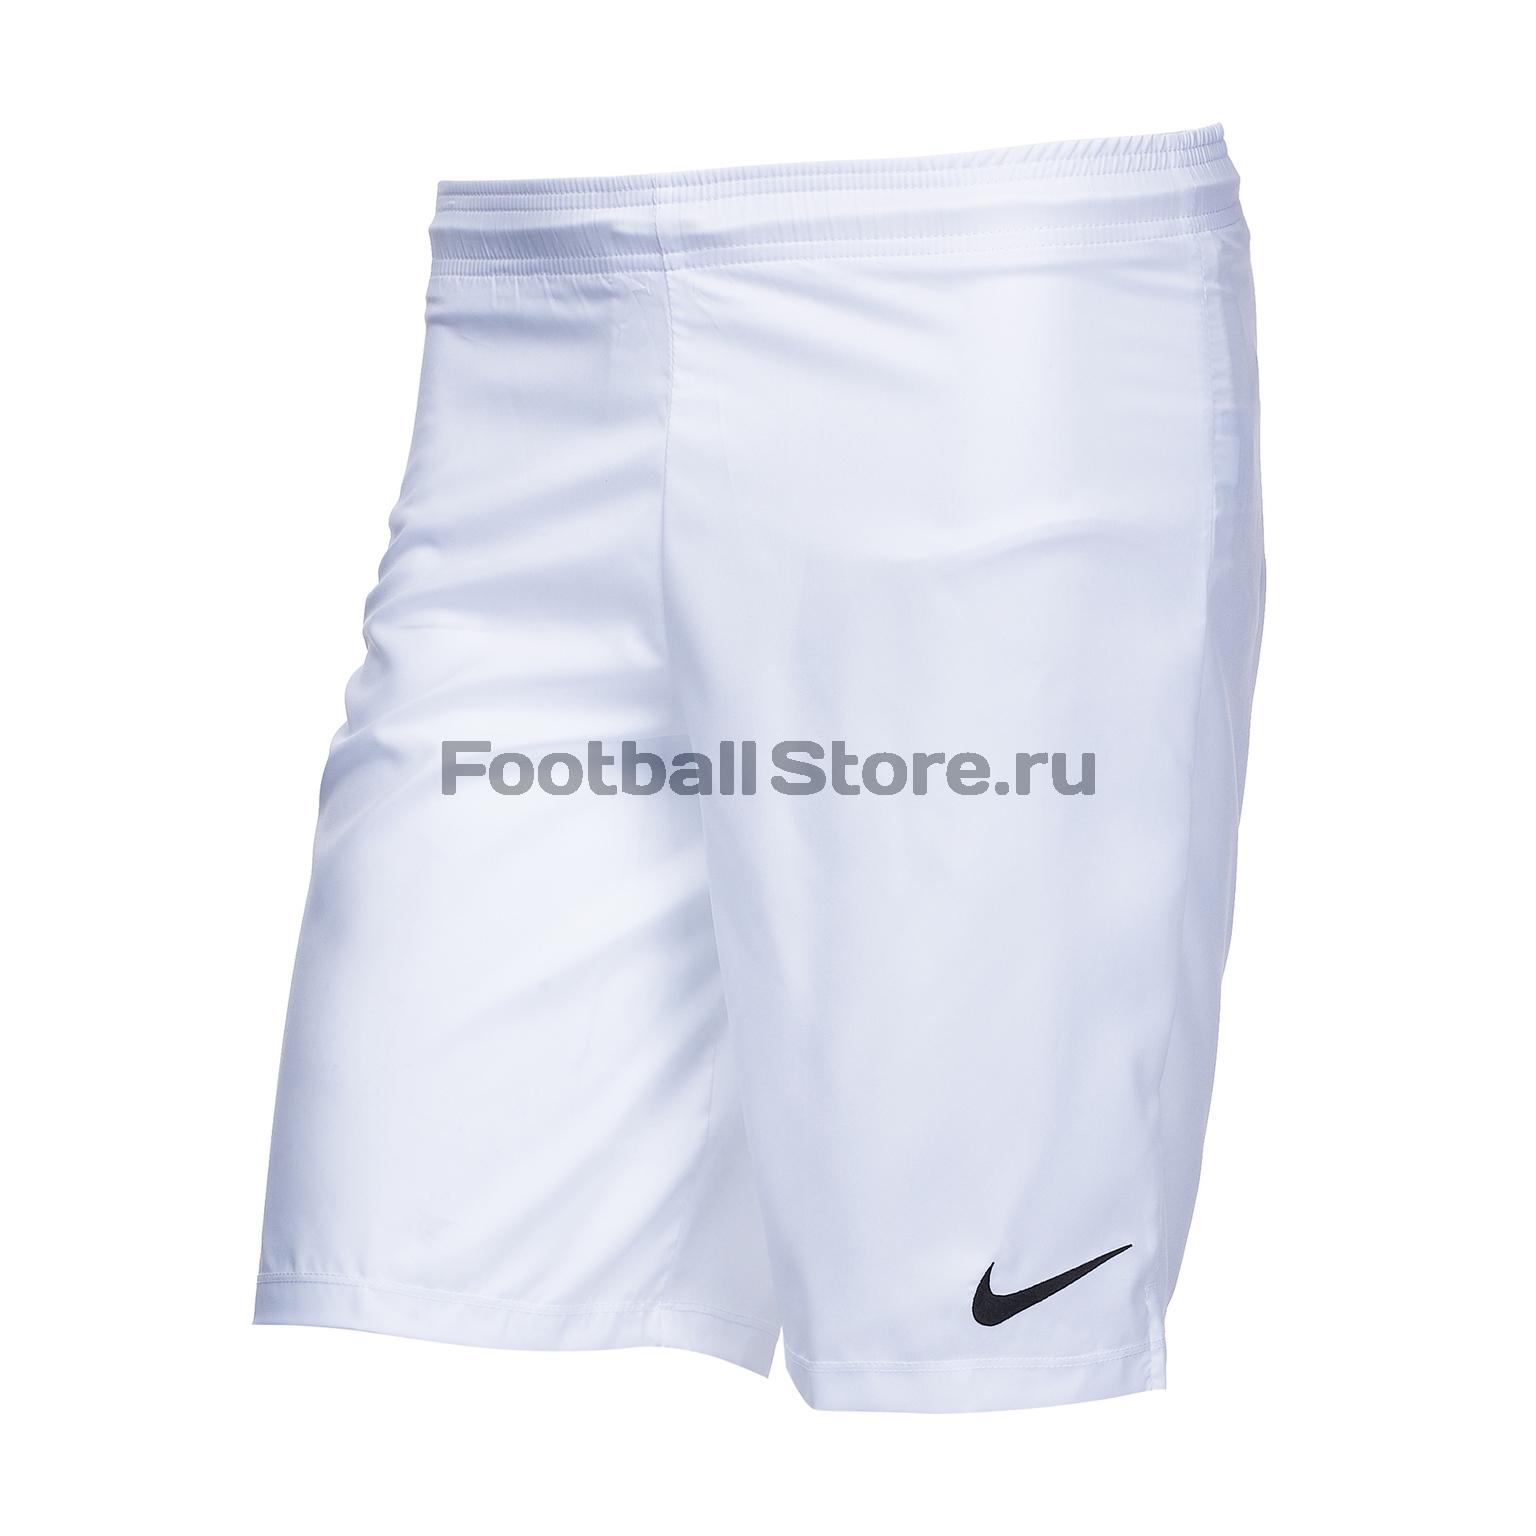 Шорты Nike Шорты Nike Laser Woven III Short NB 725901-100 nike шорты nike laser woven iii short nb 725901 410